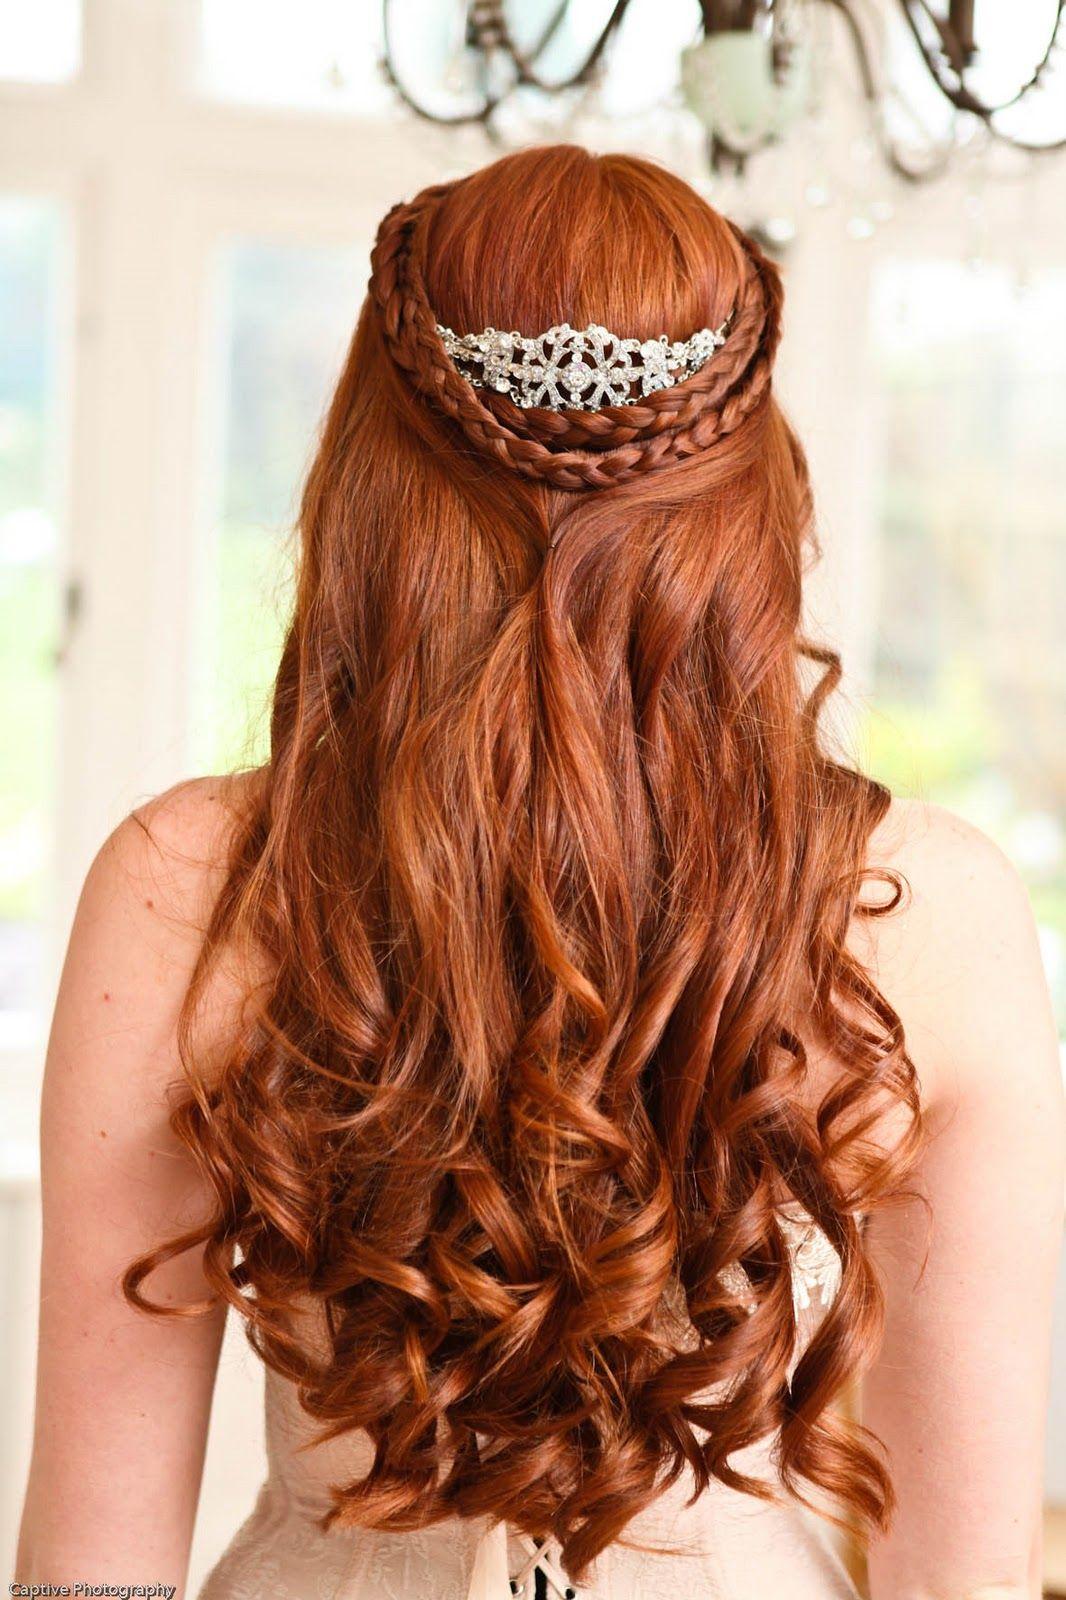 princess style - wedding hairstyles 2012 via